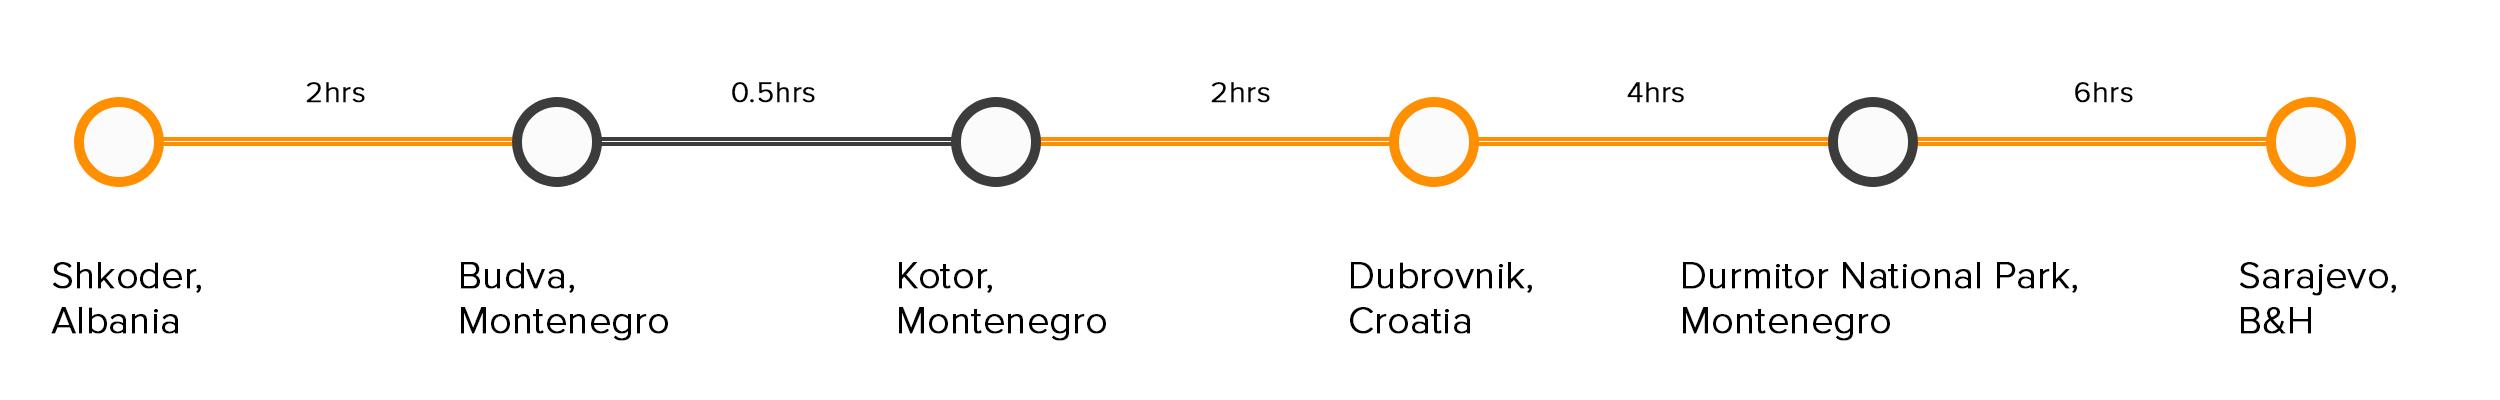 point to point diagram-Montenegro